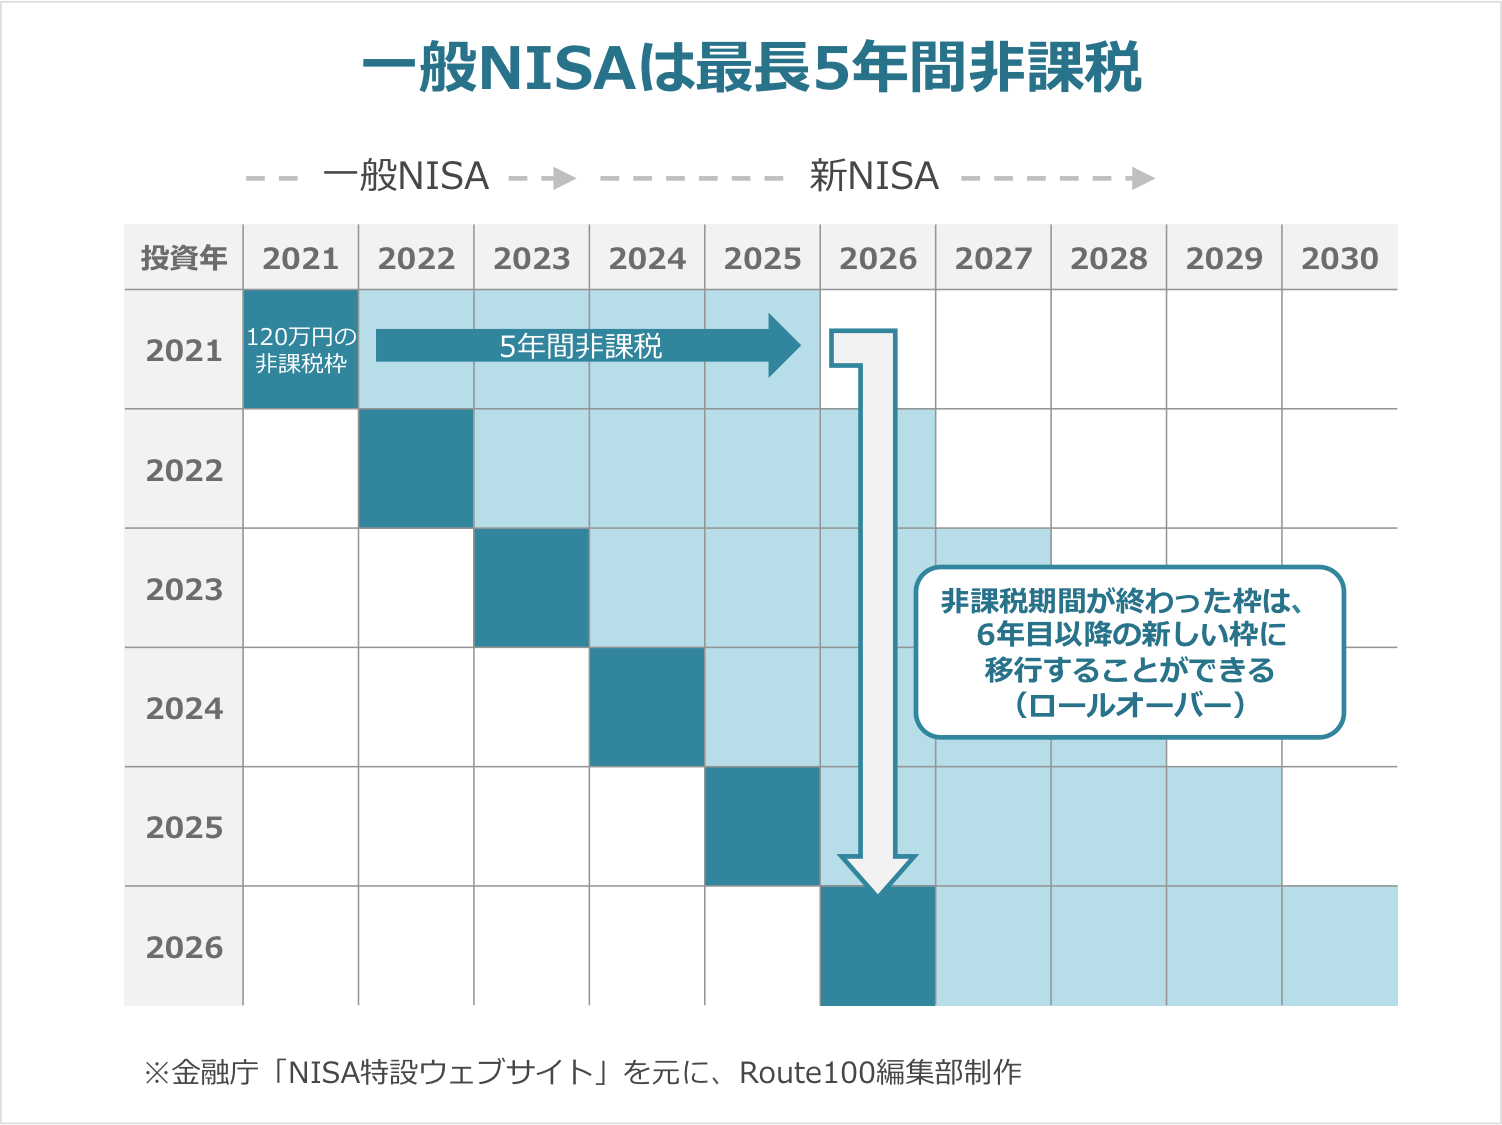 一般NISAは最長5年間非課税